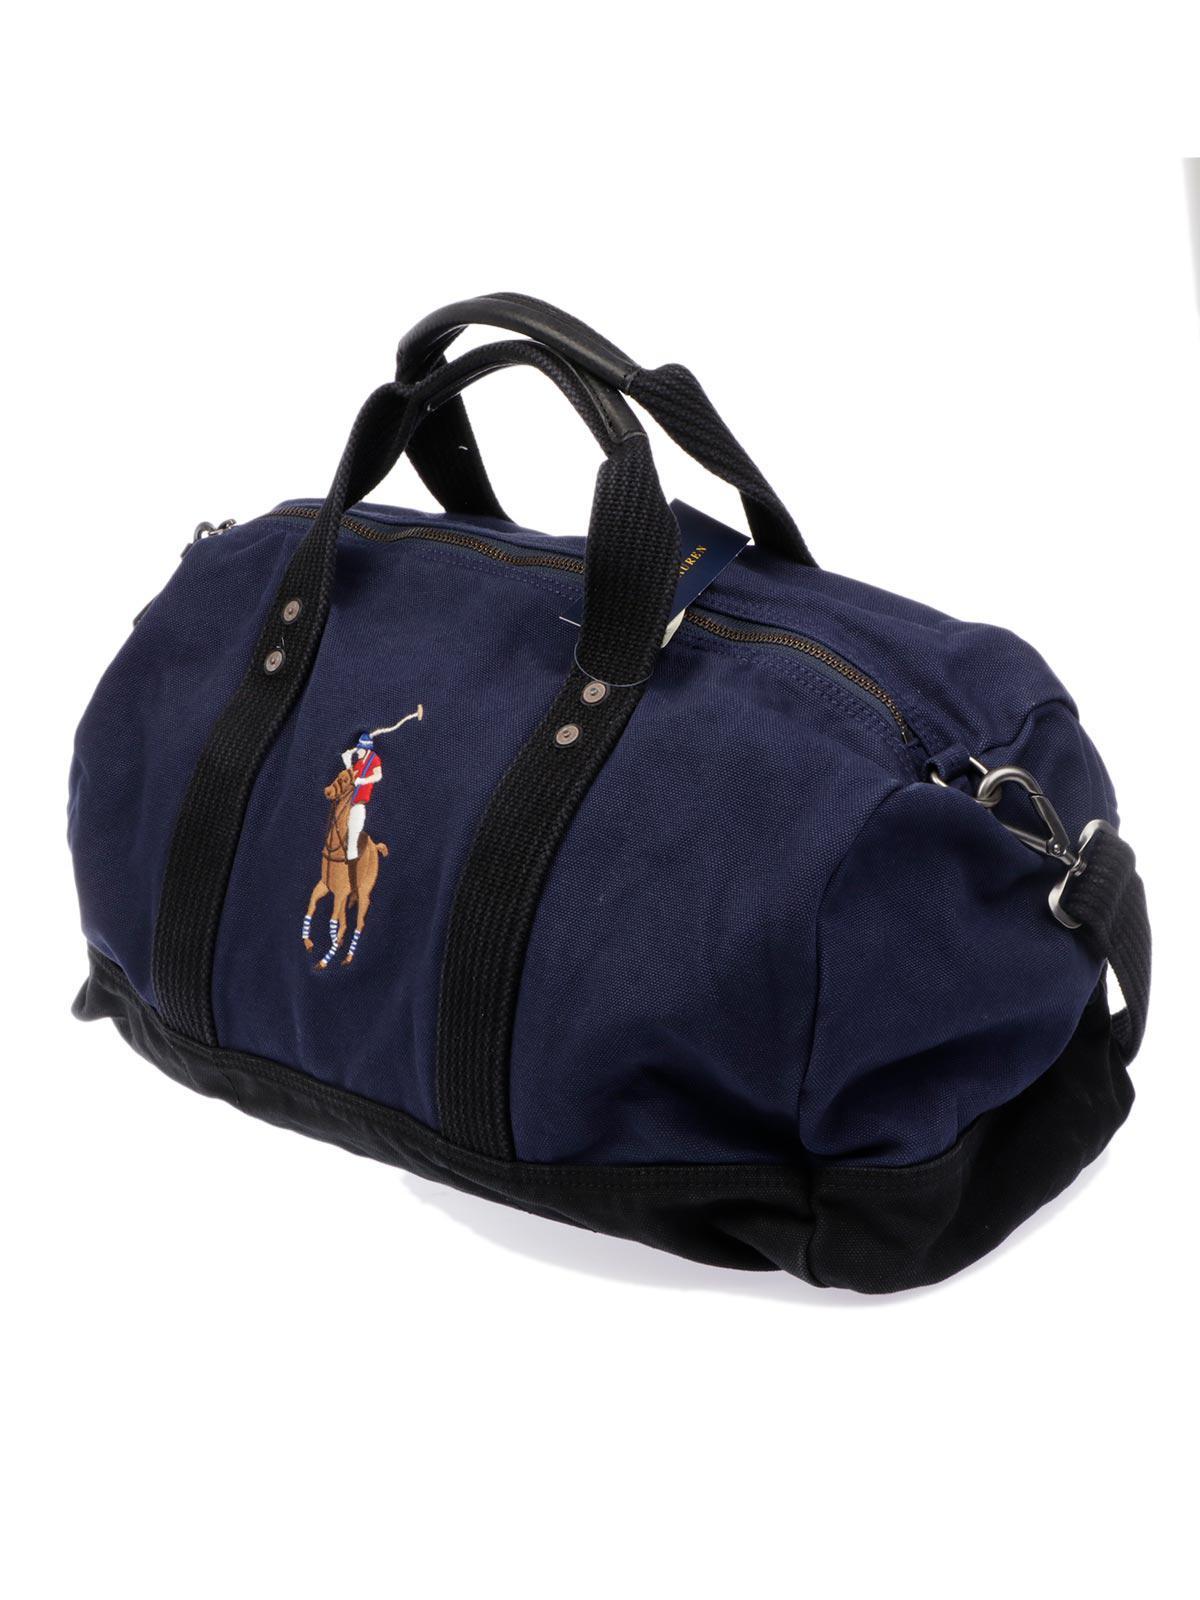 Lyst - Polo Ralph Lauren Borsa in Blue for Men 1fb88bd28ecb6